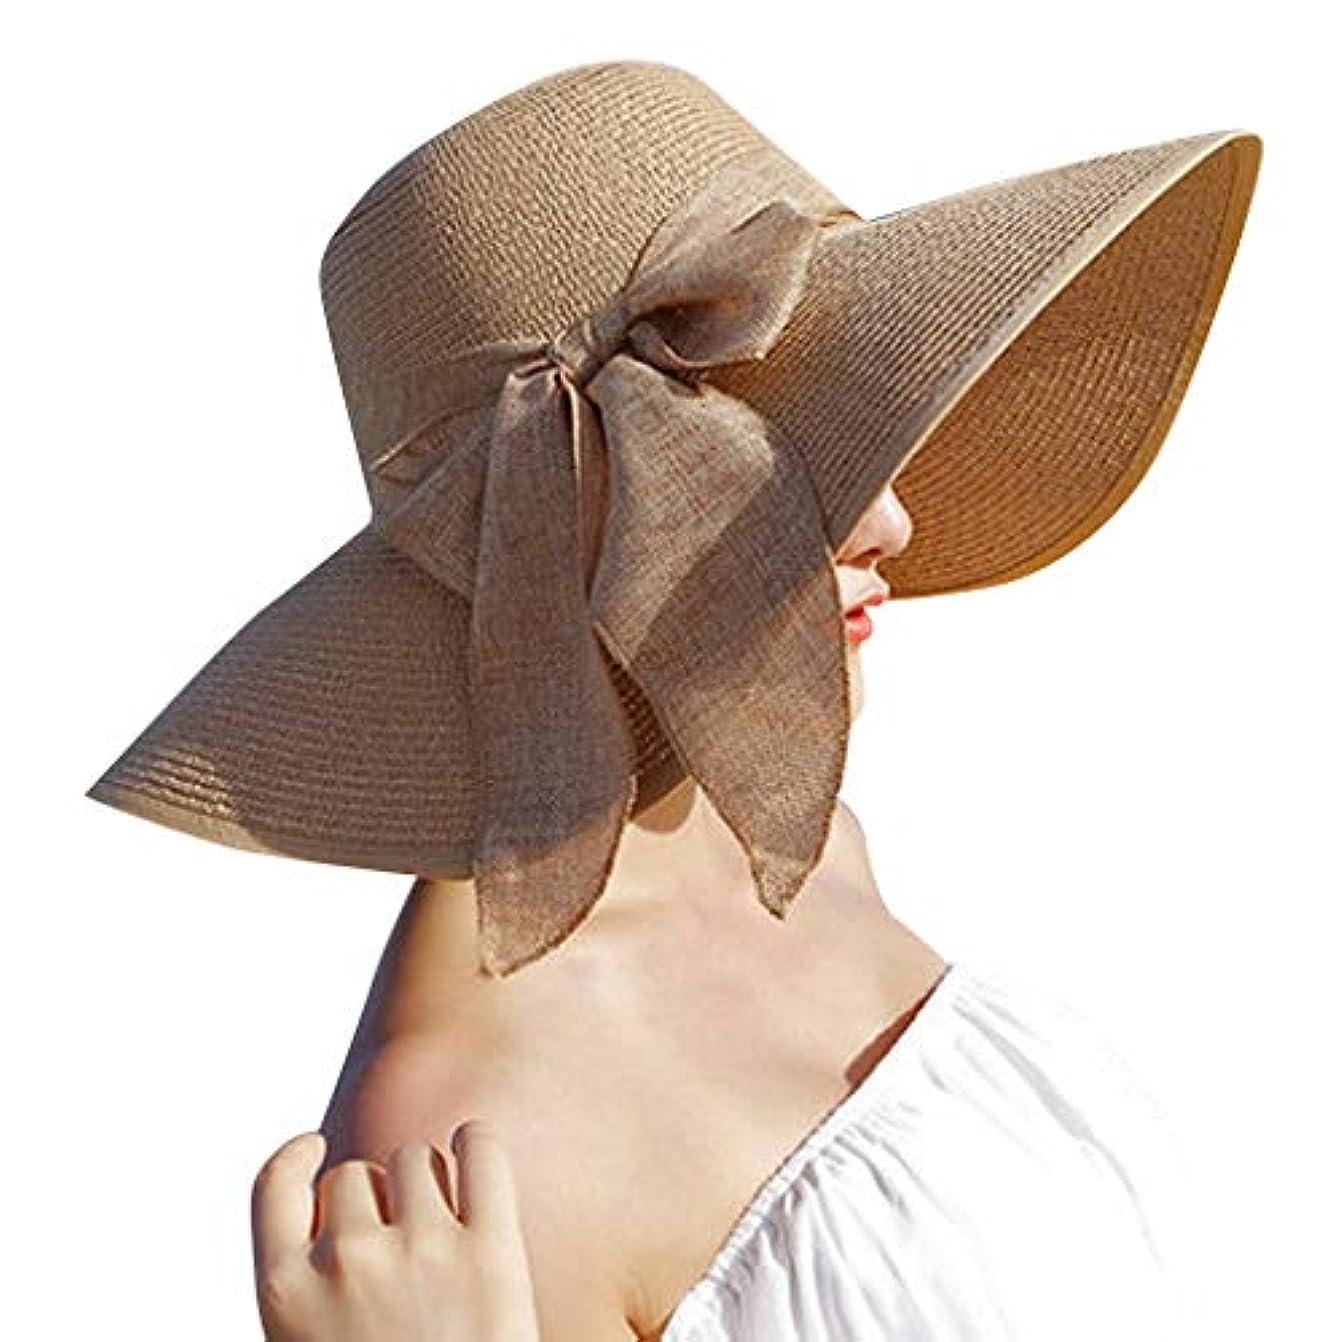 スカーフうま逆日除け帽子 ハット レディース ビッグバイザー 日よけ 夏季 日焼け 折りたたみ つば広 紫外線100%カット UV ハット 可愛い 顔効果抜群 サンバイザー 小顔効果 春夏 お出かけ用 ビーチハット 海辺 ROSE ROMAN